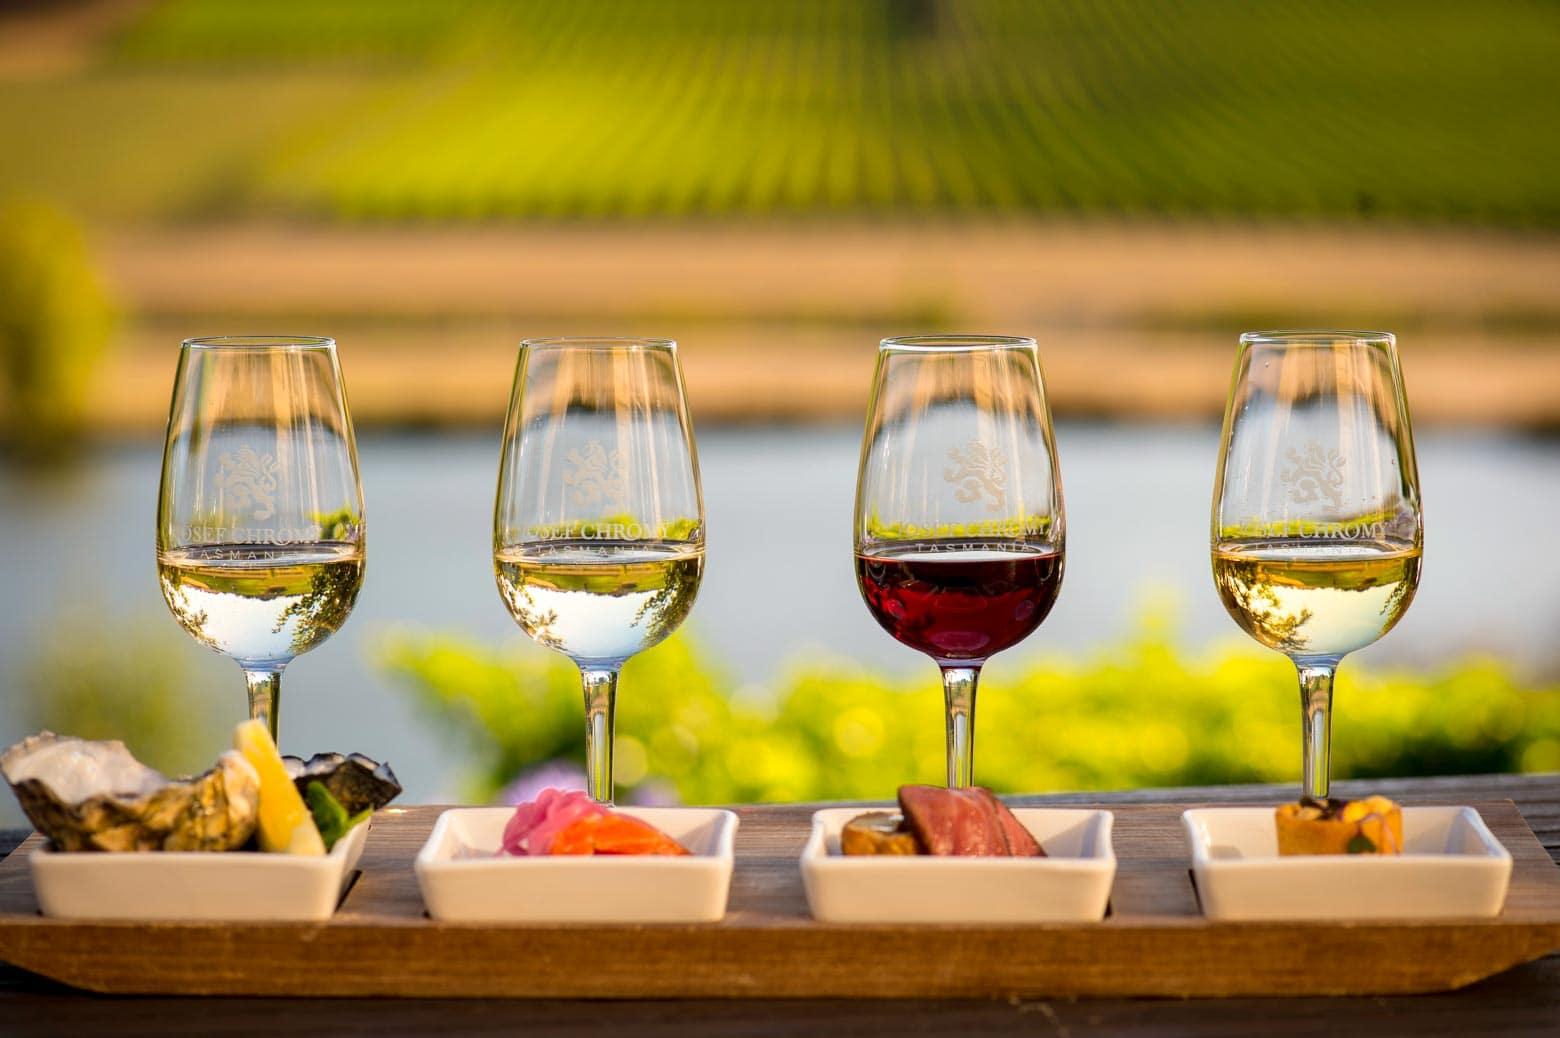 Cool-climate wines at Josef Chromy Tasmania - Tasmania Road Trip